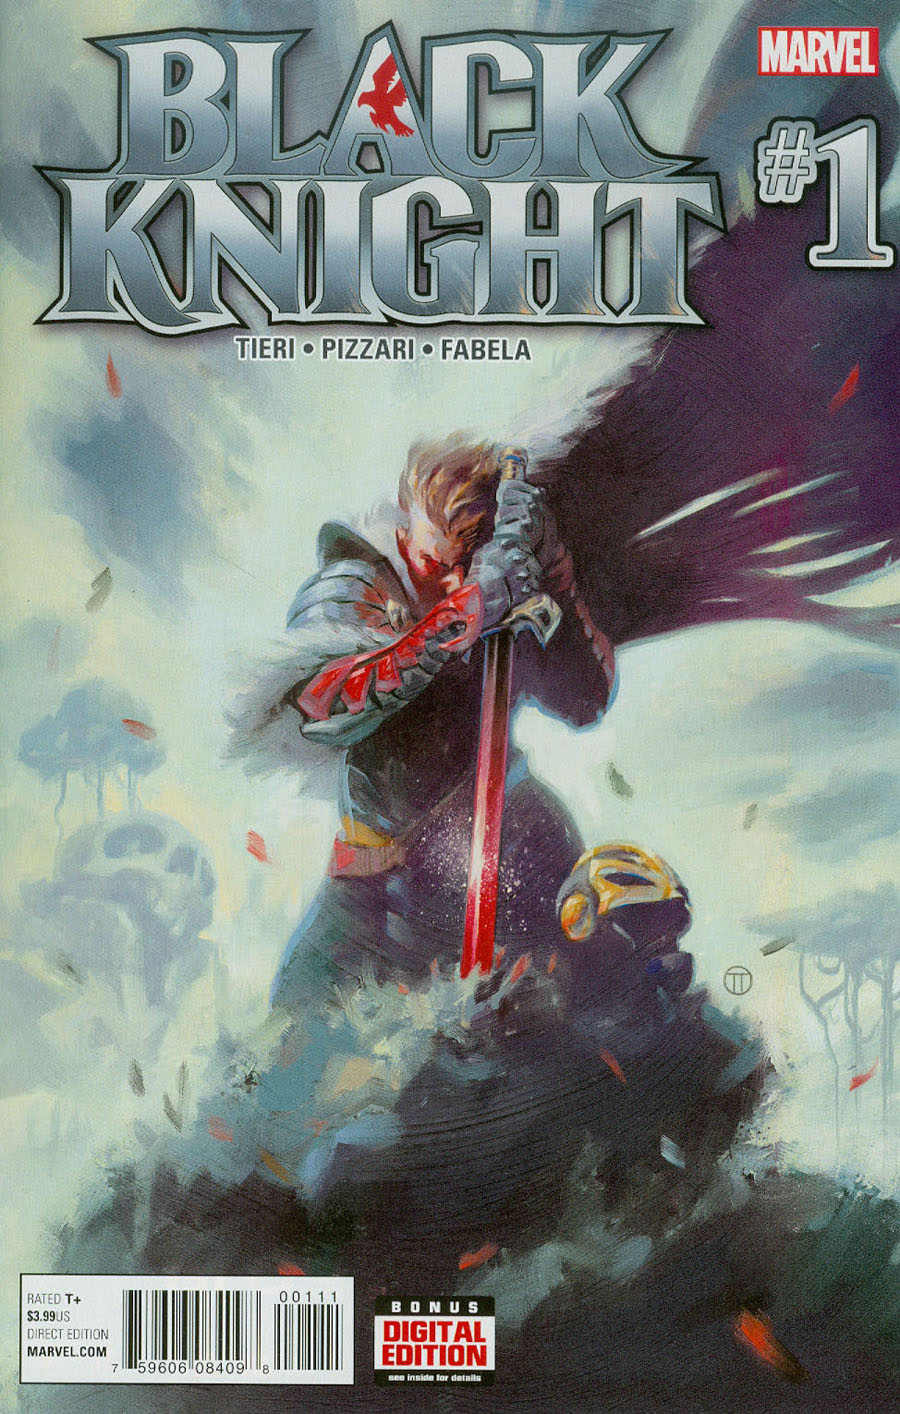 Black Knight Vol 4 #1 Cover A Regular Julian Totino Tedesco Cover